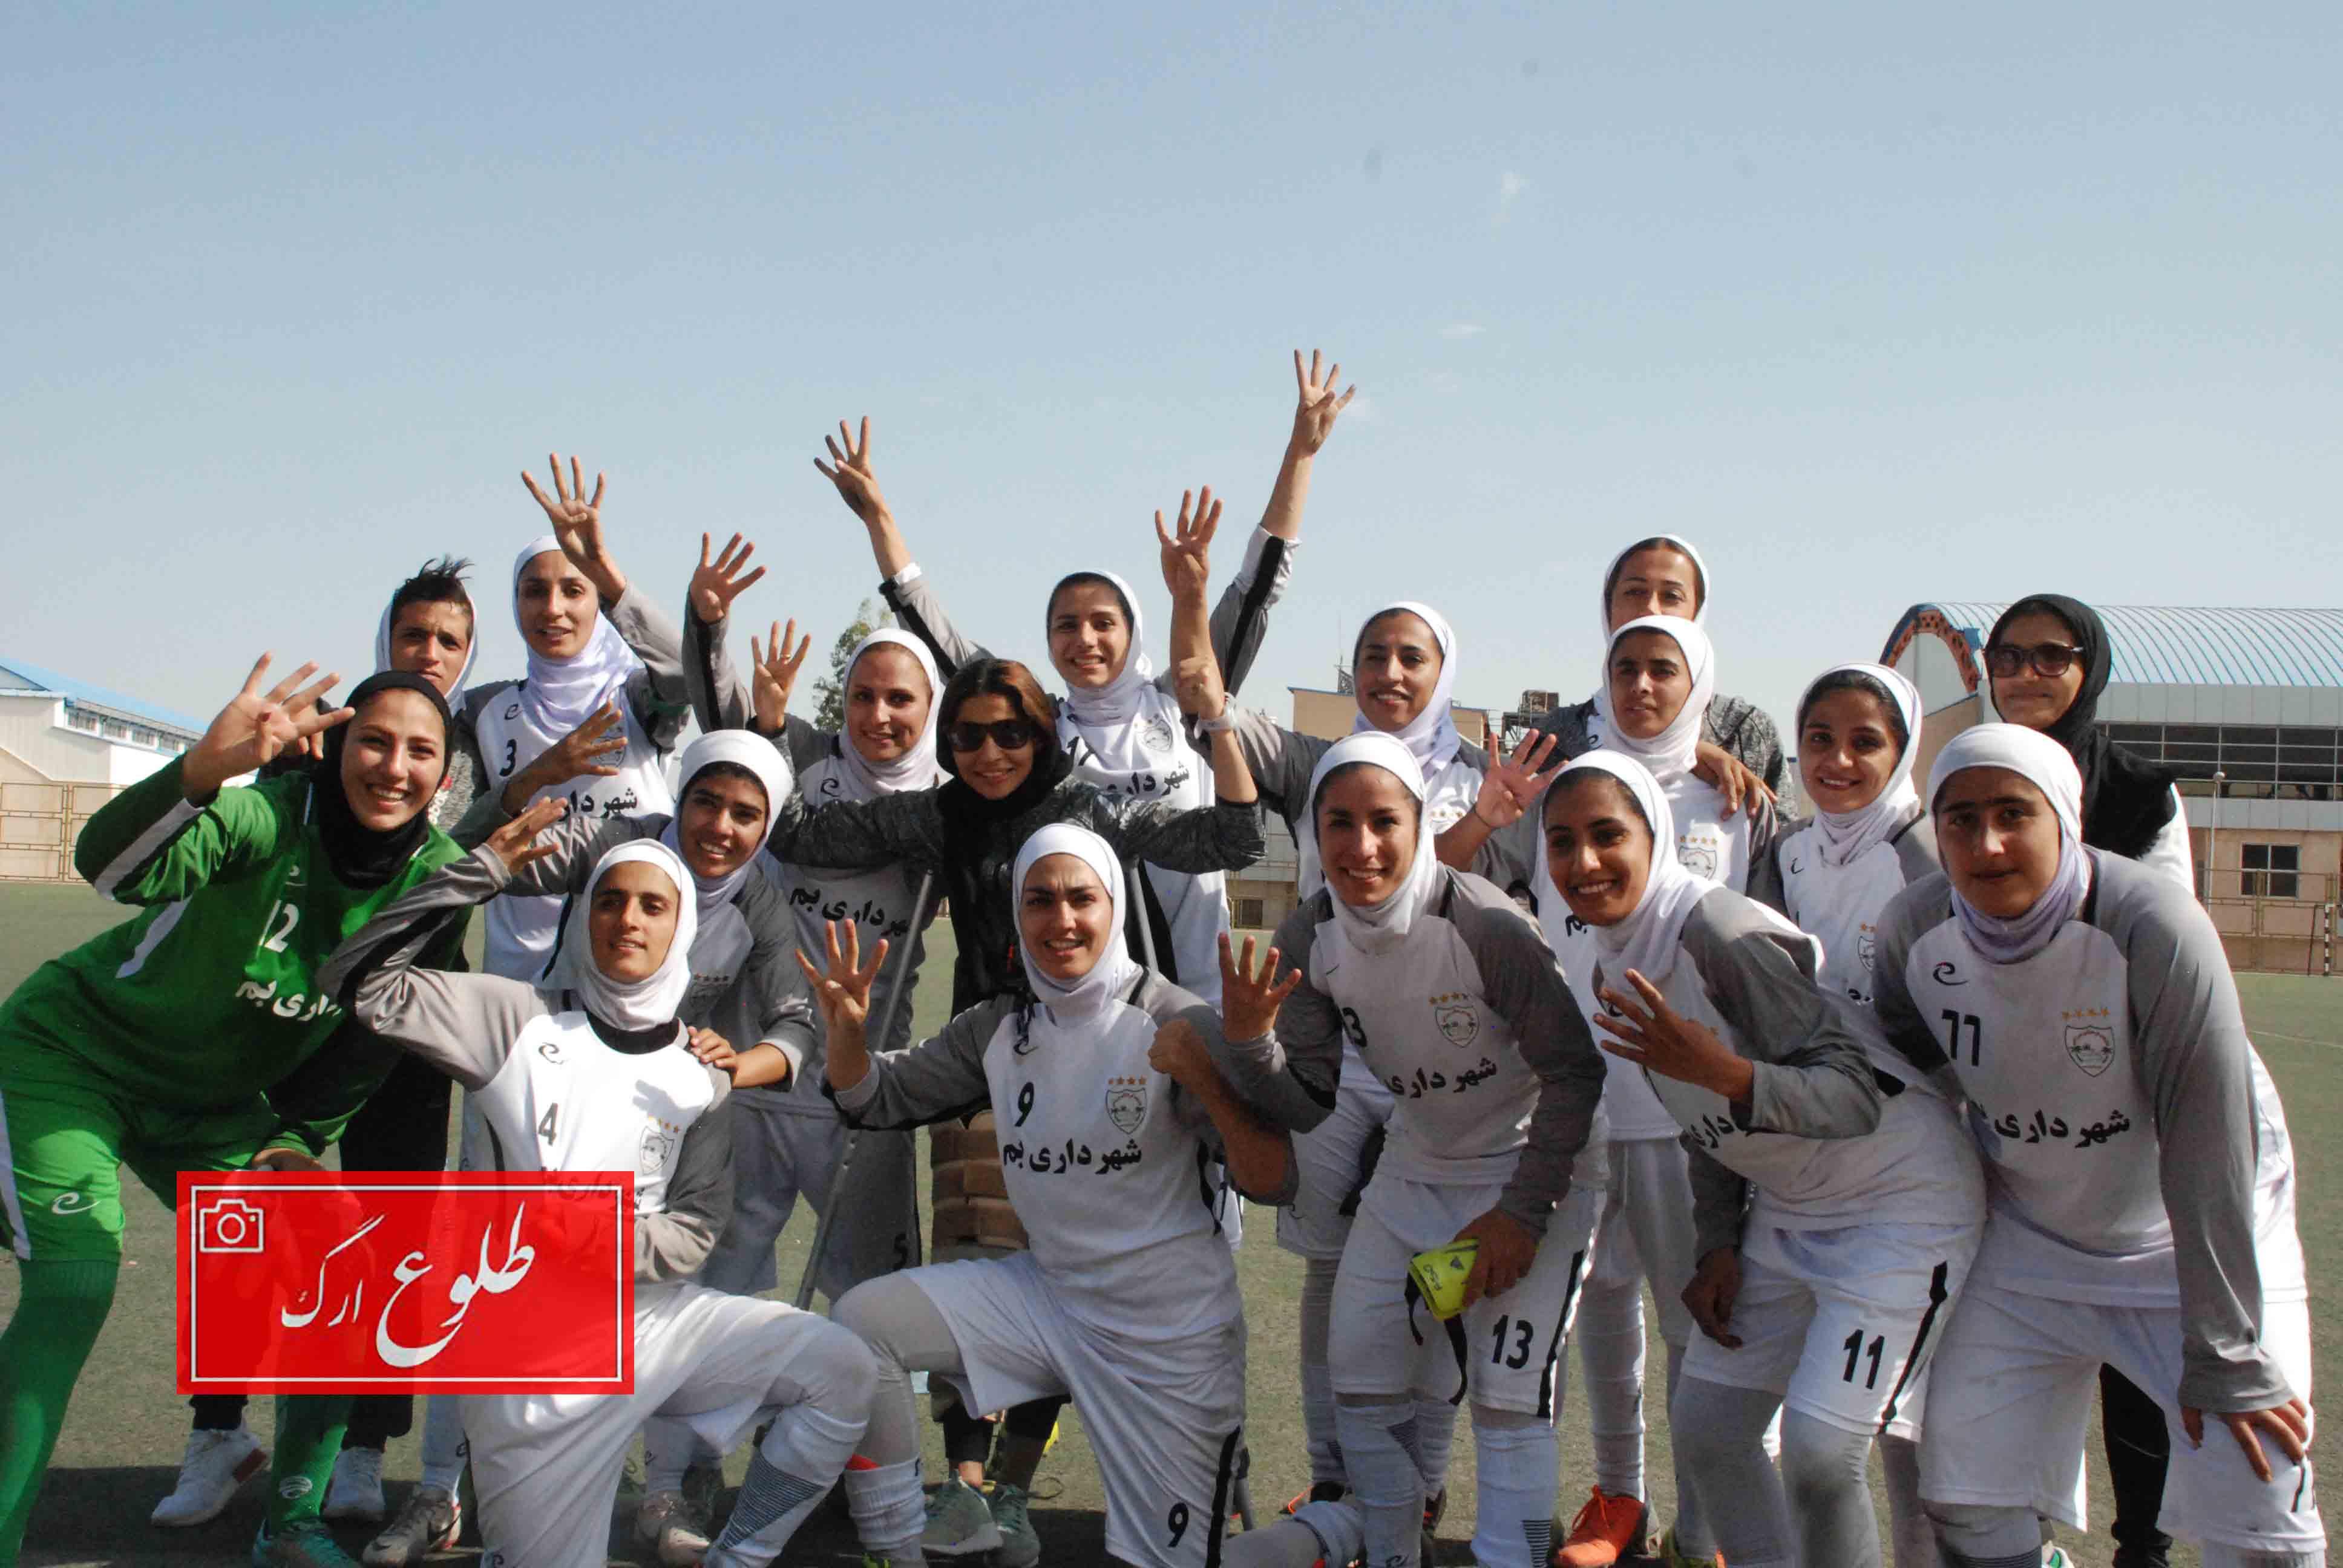 مصاف صدرنشینان فوتبال زنان /شهرداری بم همچنان در صدر